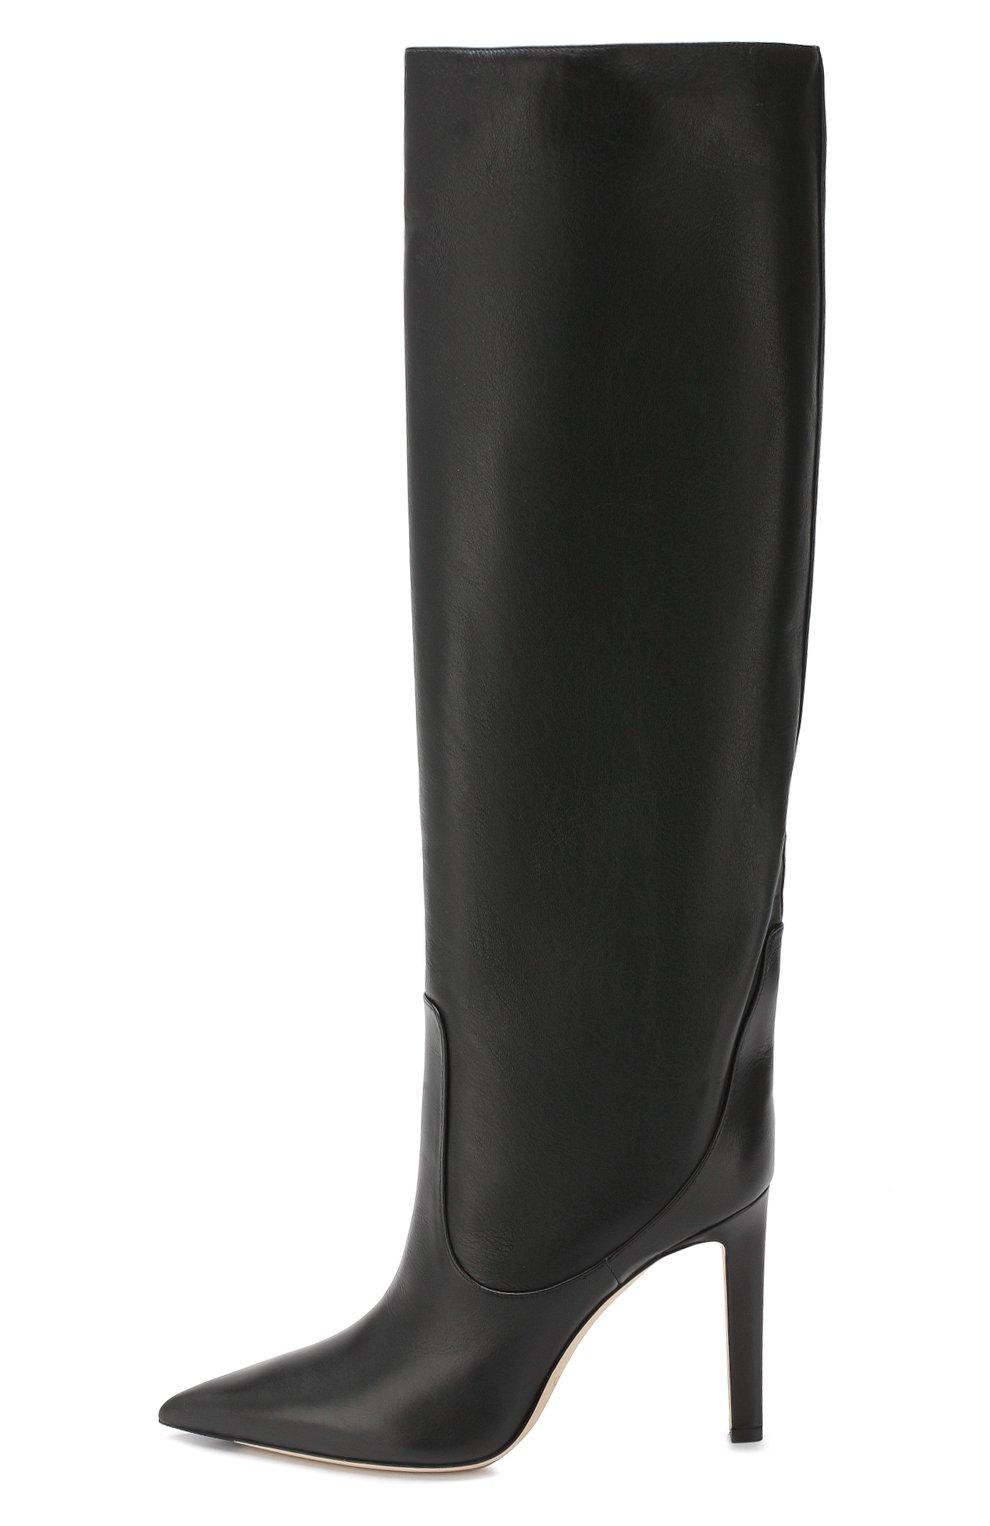 Кожаные сапоги Mavis 100 Jimmy Choo черные   Фото №3